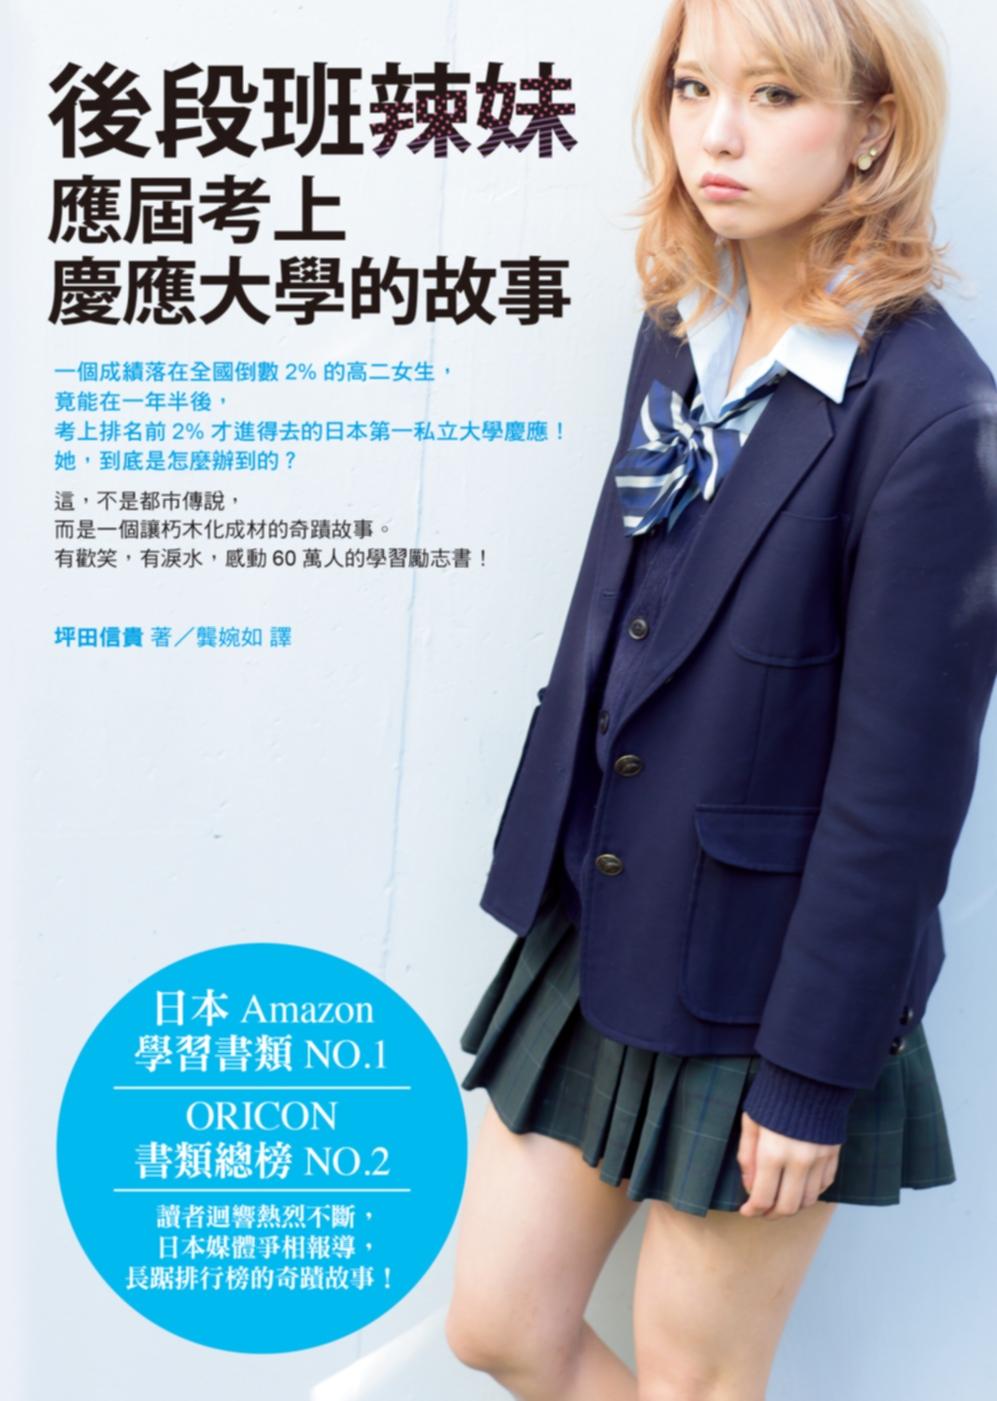 後段班辣妹應屆考上慶應大學的故事